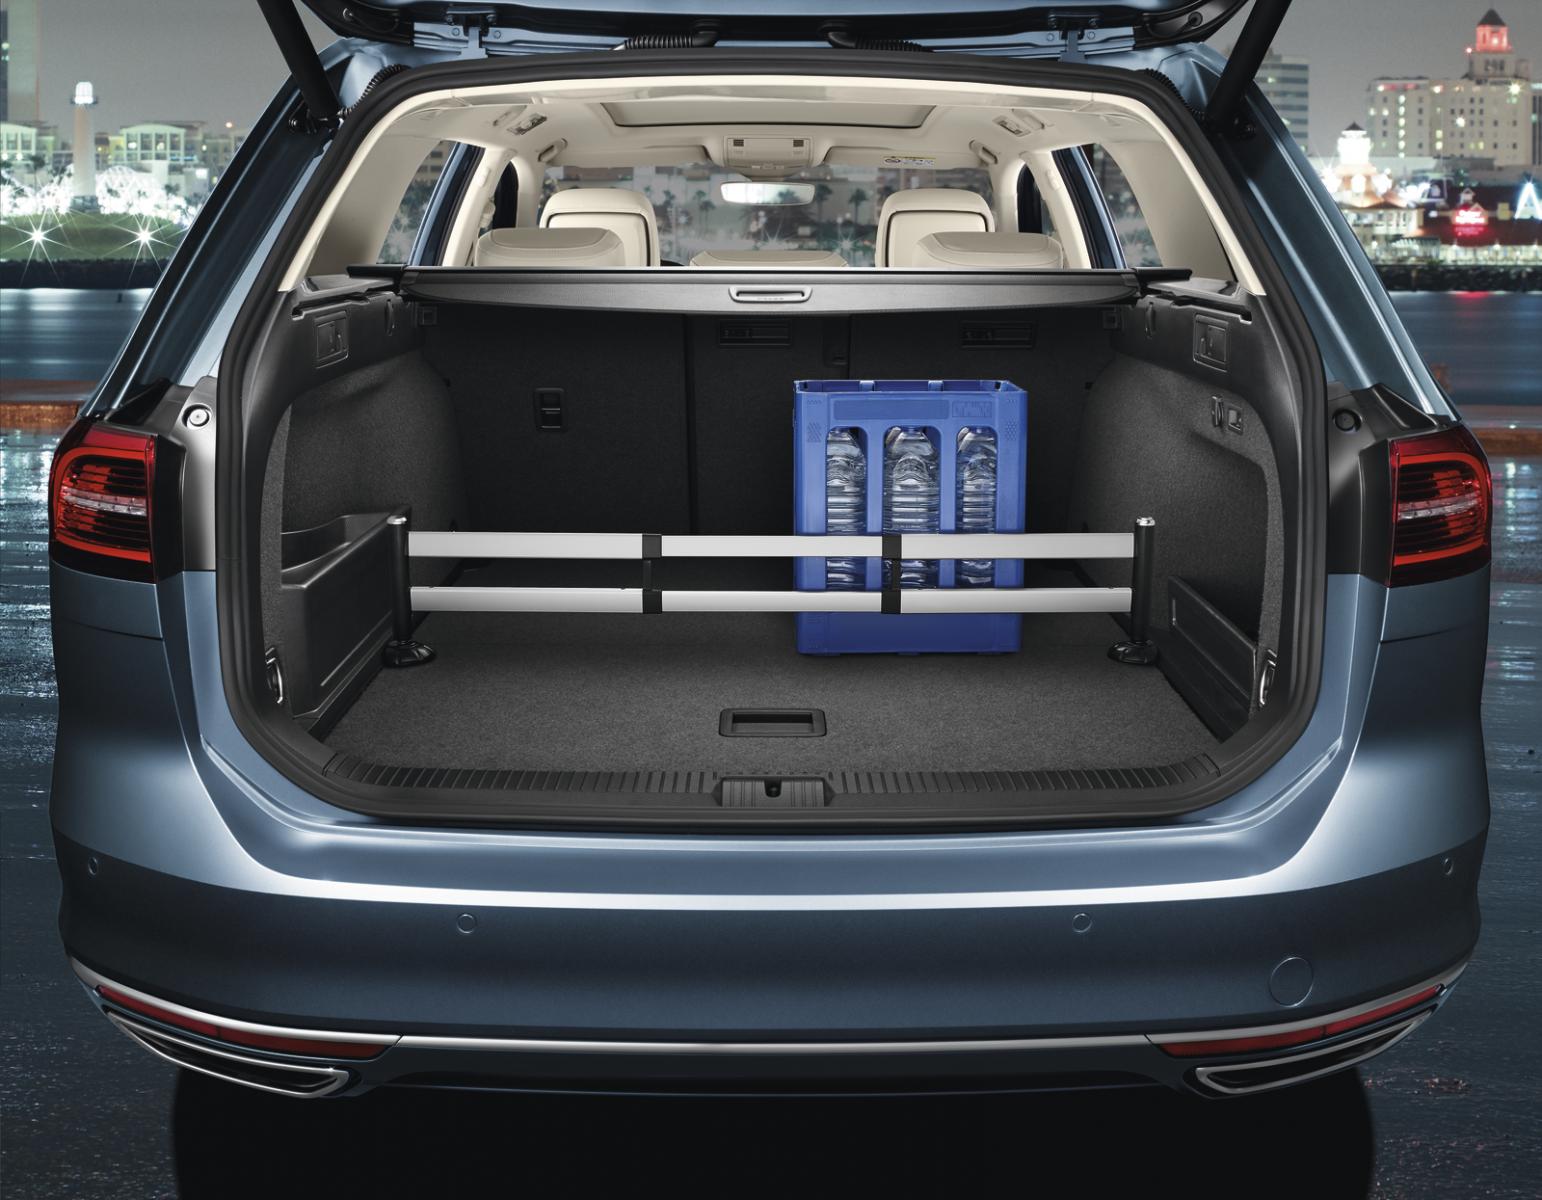 Vw Passat Kofferraumsteckmodul